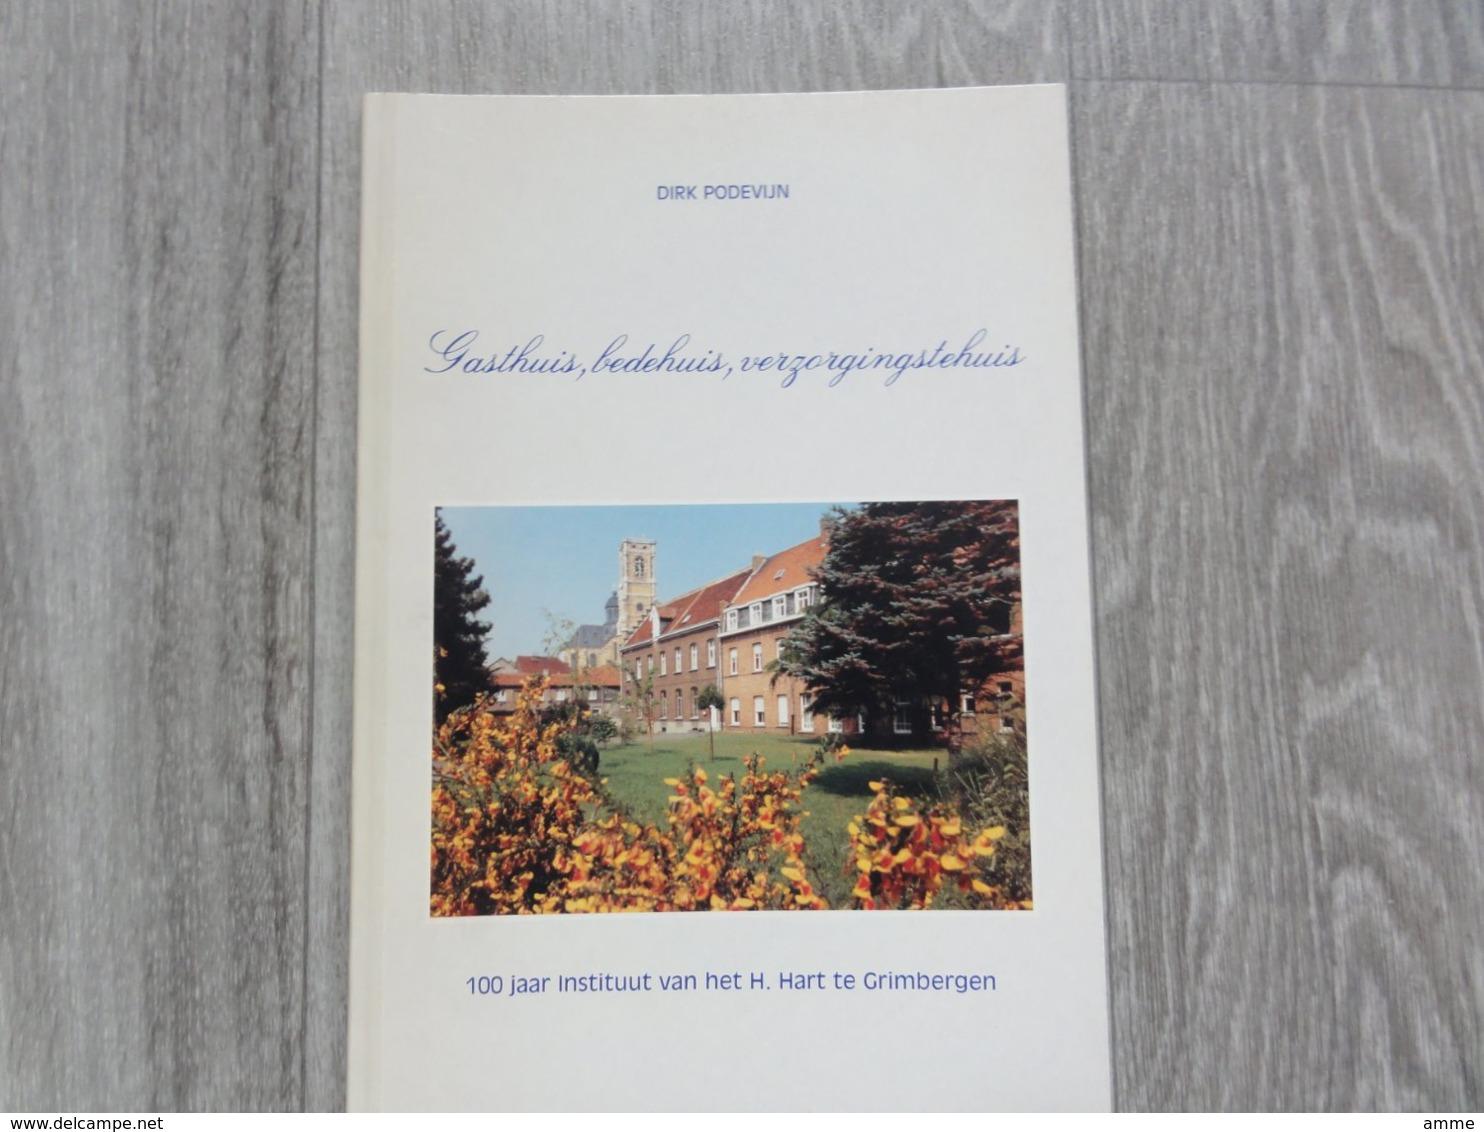 Grimbergen * (Boek)   100 Jaar Instituut Van Het H.Hart  -  Gasthuis, Bedehuis, Verzorgingshuis - Grimbergen